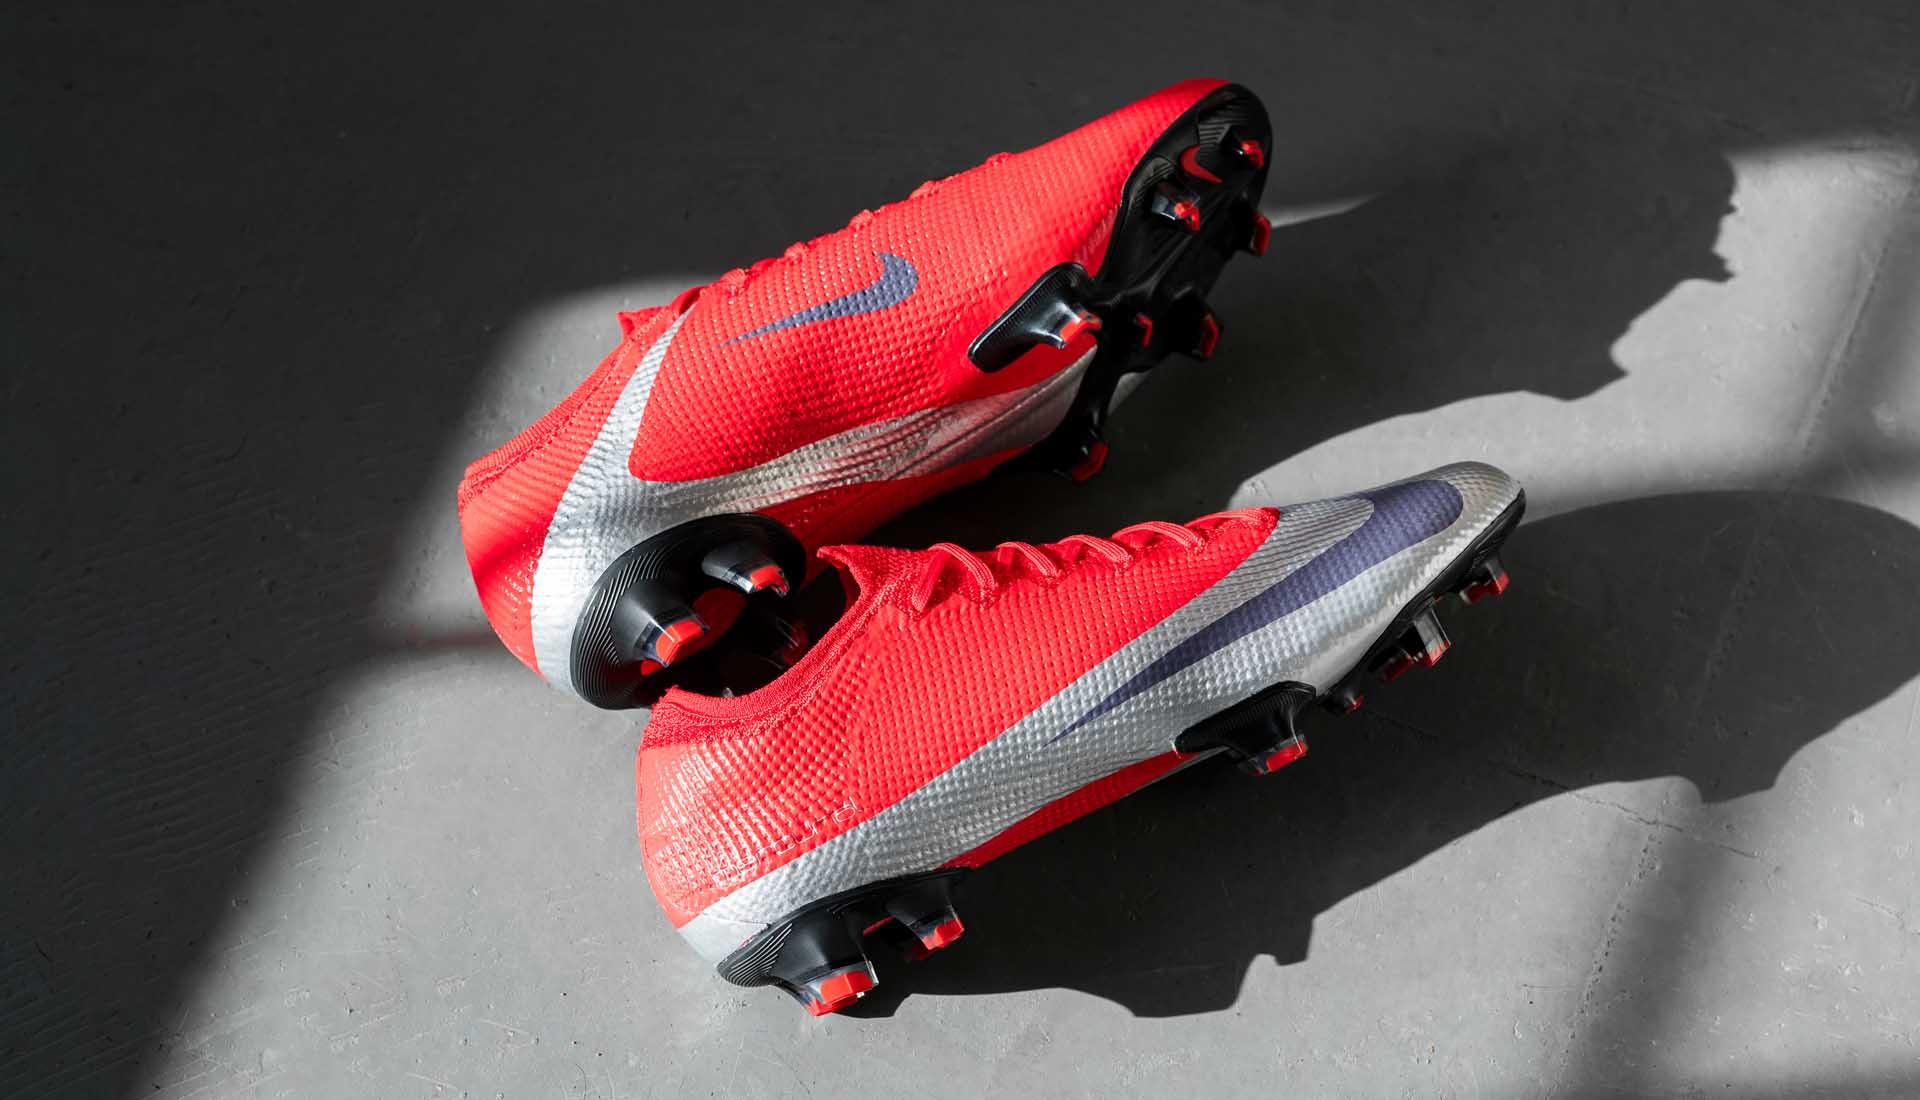 Giờ đây đôi giày của Nike sẽ luôn chắc chắn và không thể bị rách toạc được nữa